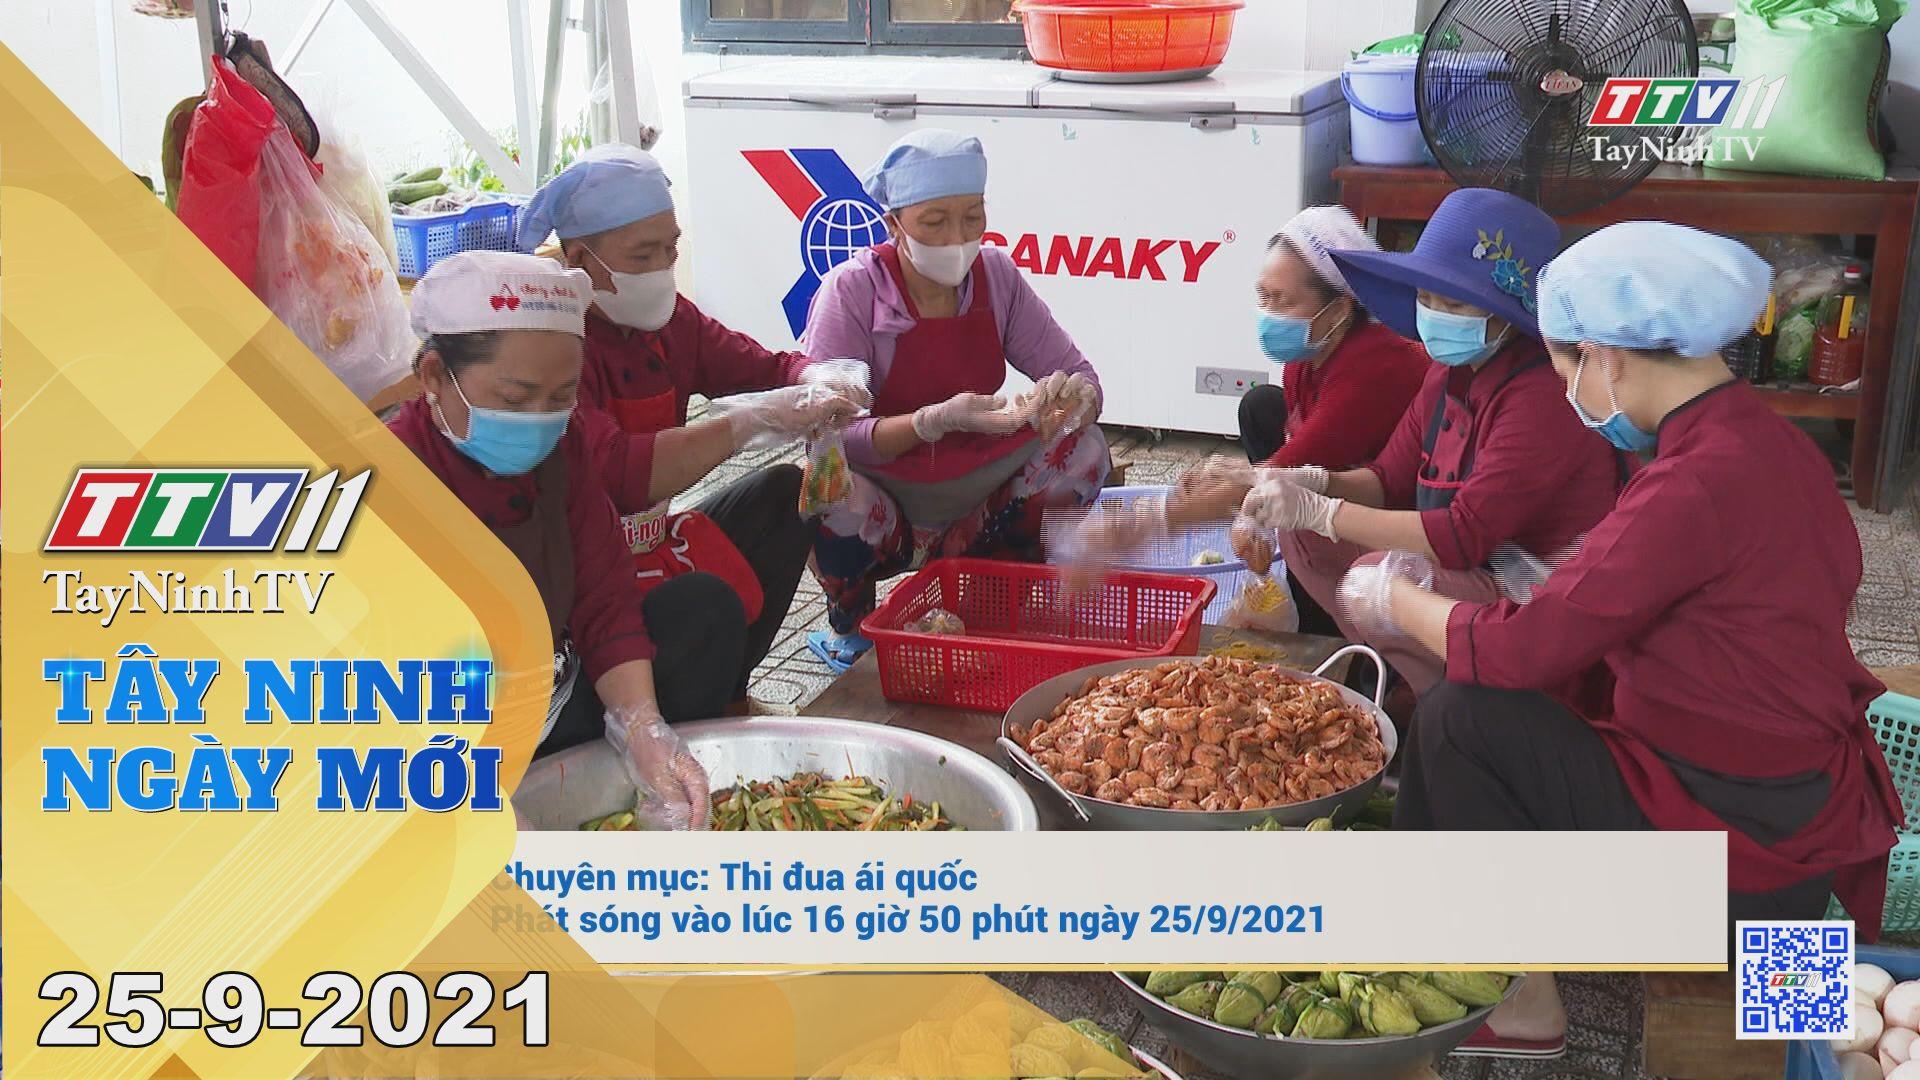 Tây Ninh Ngày Mới 25/9/2021 | Tin tức hôm nay | TayNinhTV